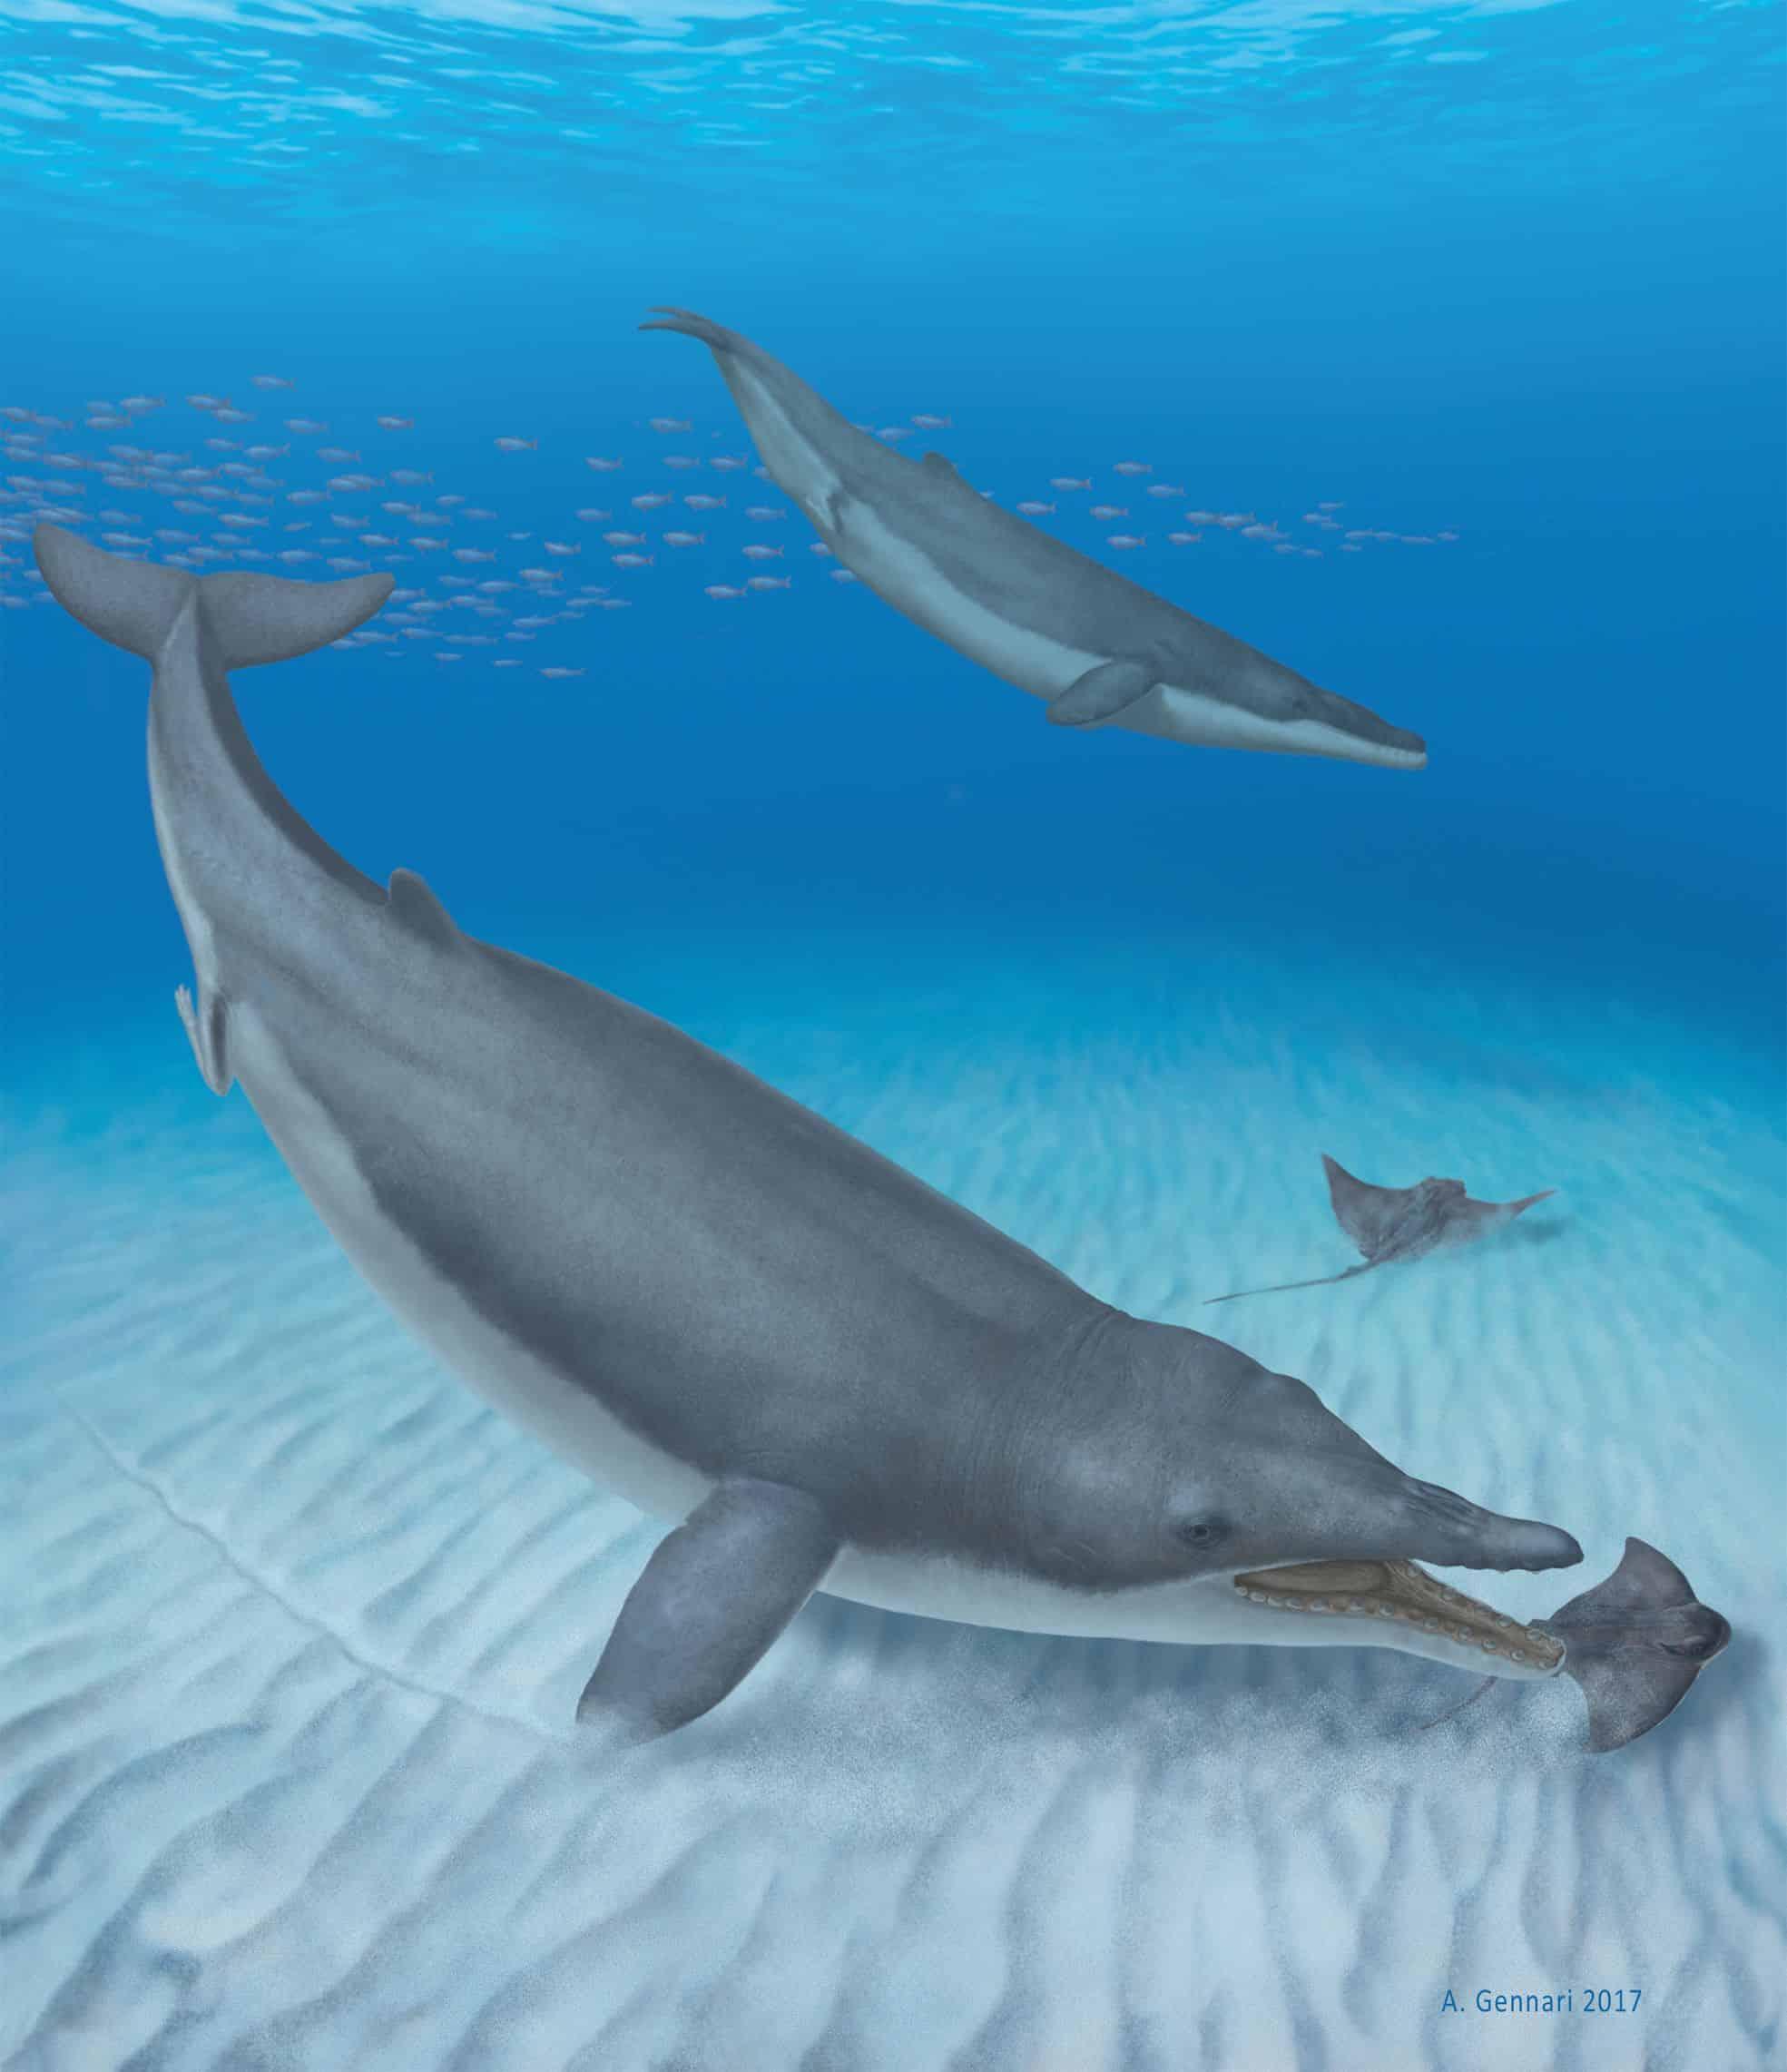 هذا الحوت ذو الأصول الغابرة لديه أسنان، ولكنه كان رغم ذلك يرتشف غذاءه قرب قاع المحيط